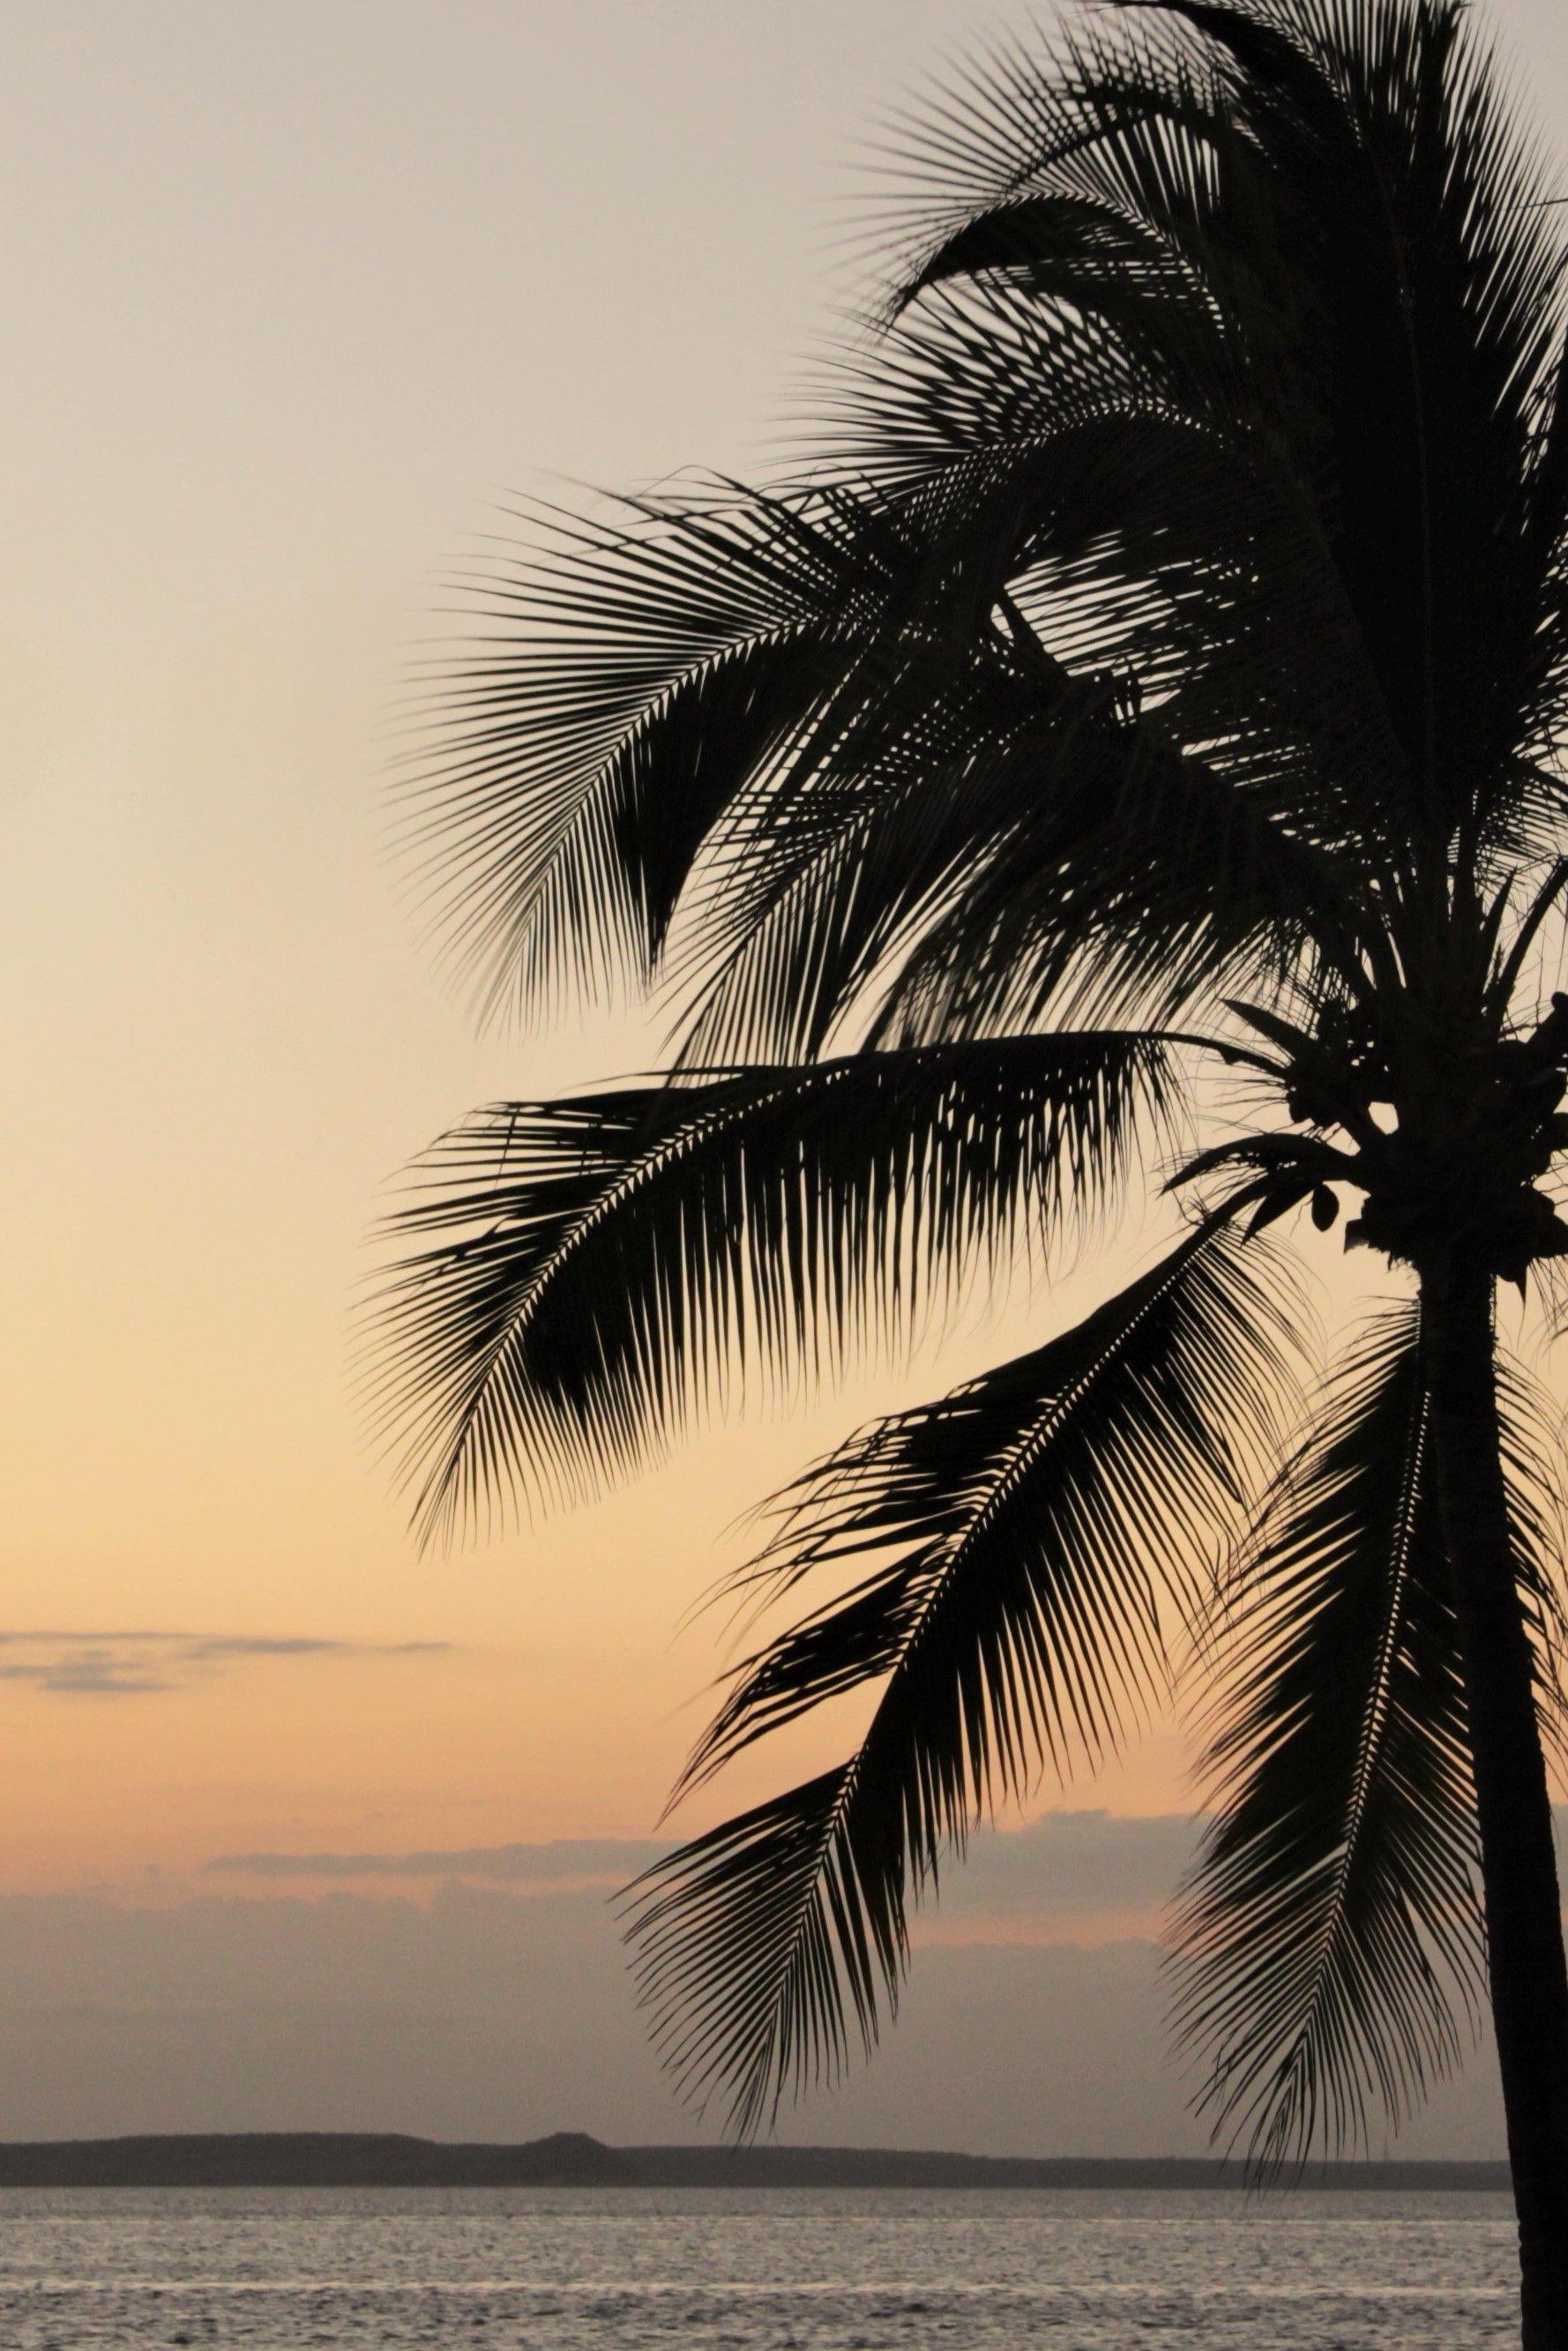 Palmier Et Coucher De Soleil A Cienfuegos Cuba Cienfuegos Fond D Ecran Palmier Fond D Ecran Telephone Photos Paysage